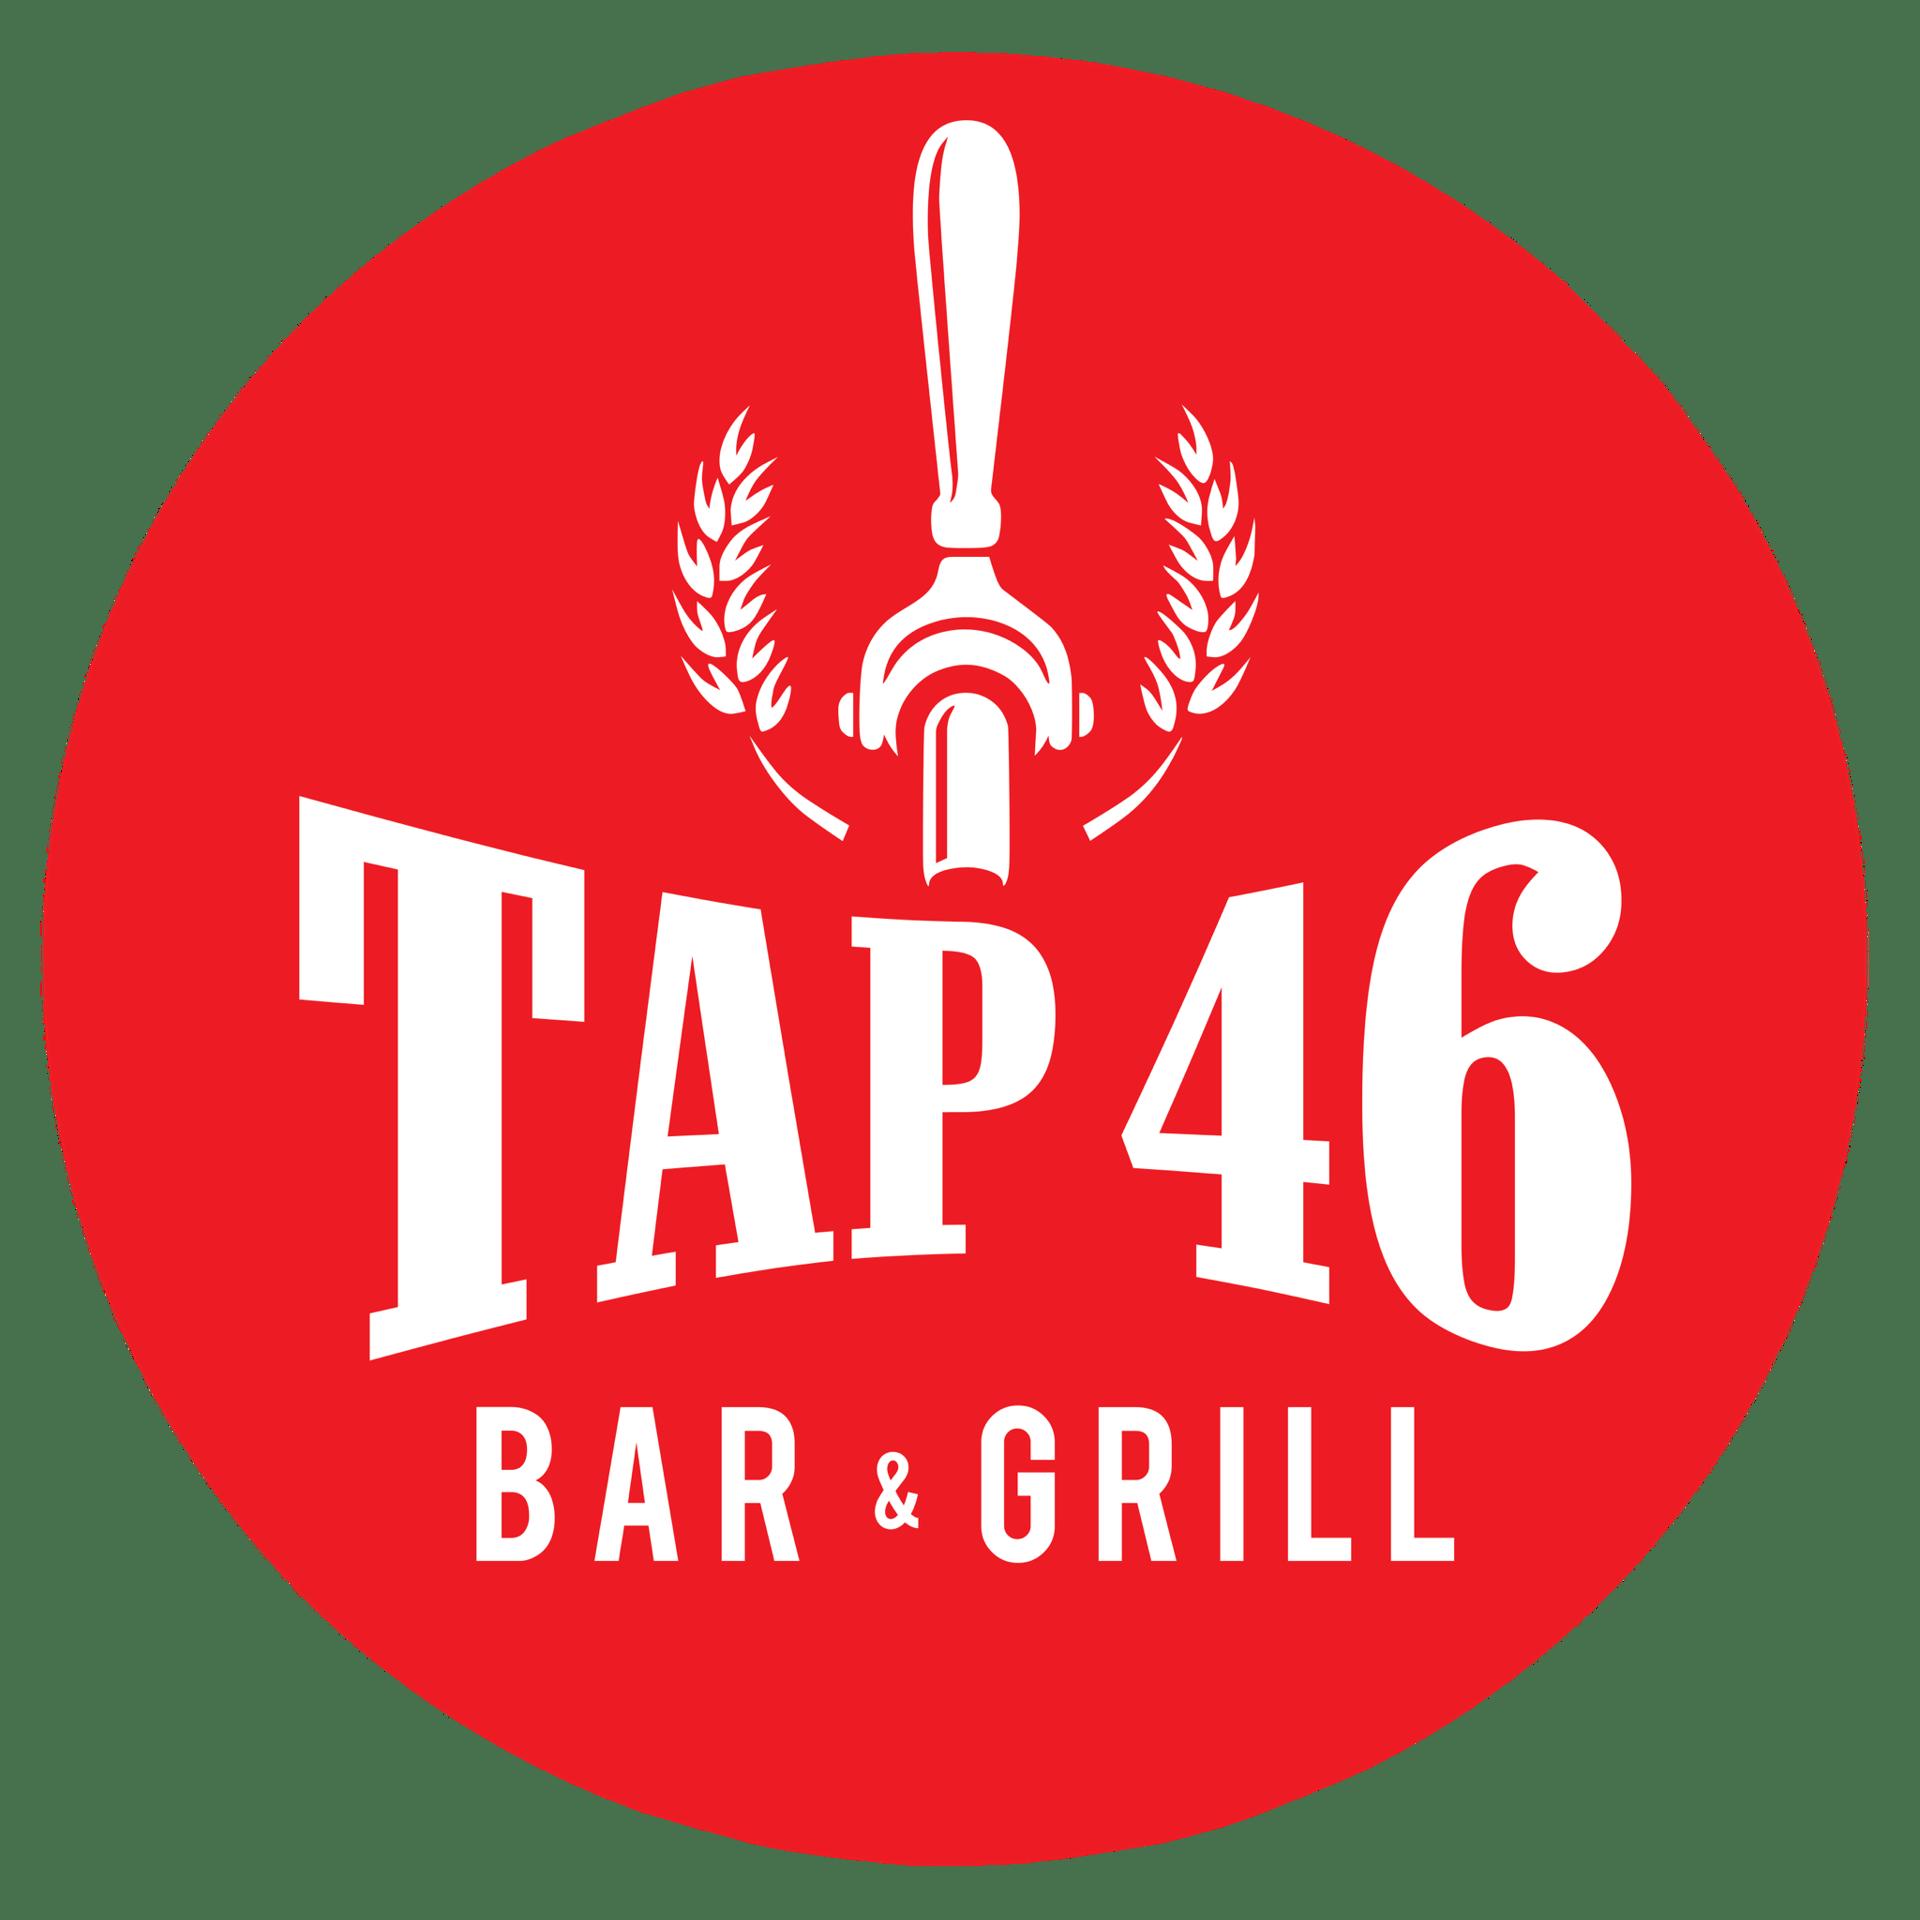 Tap46 logo